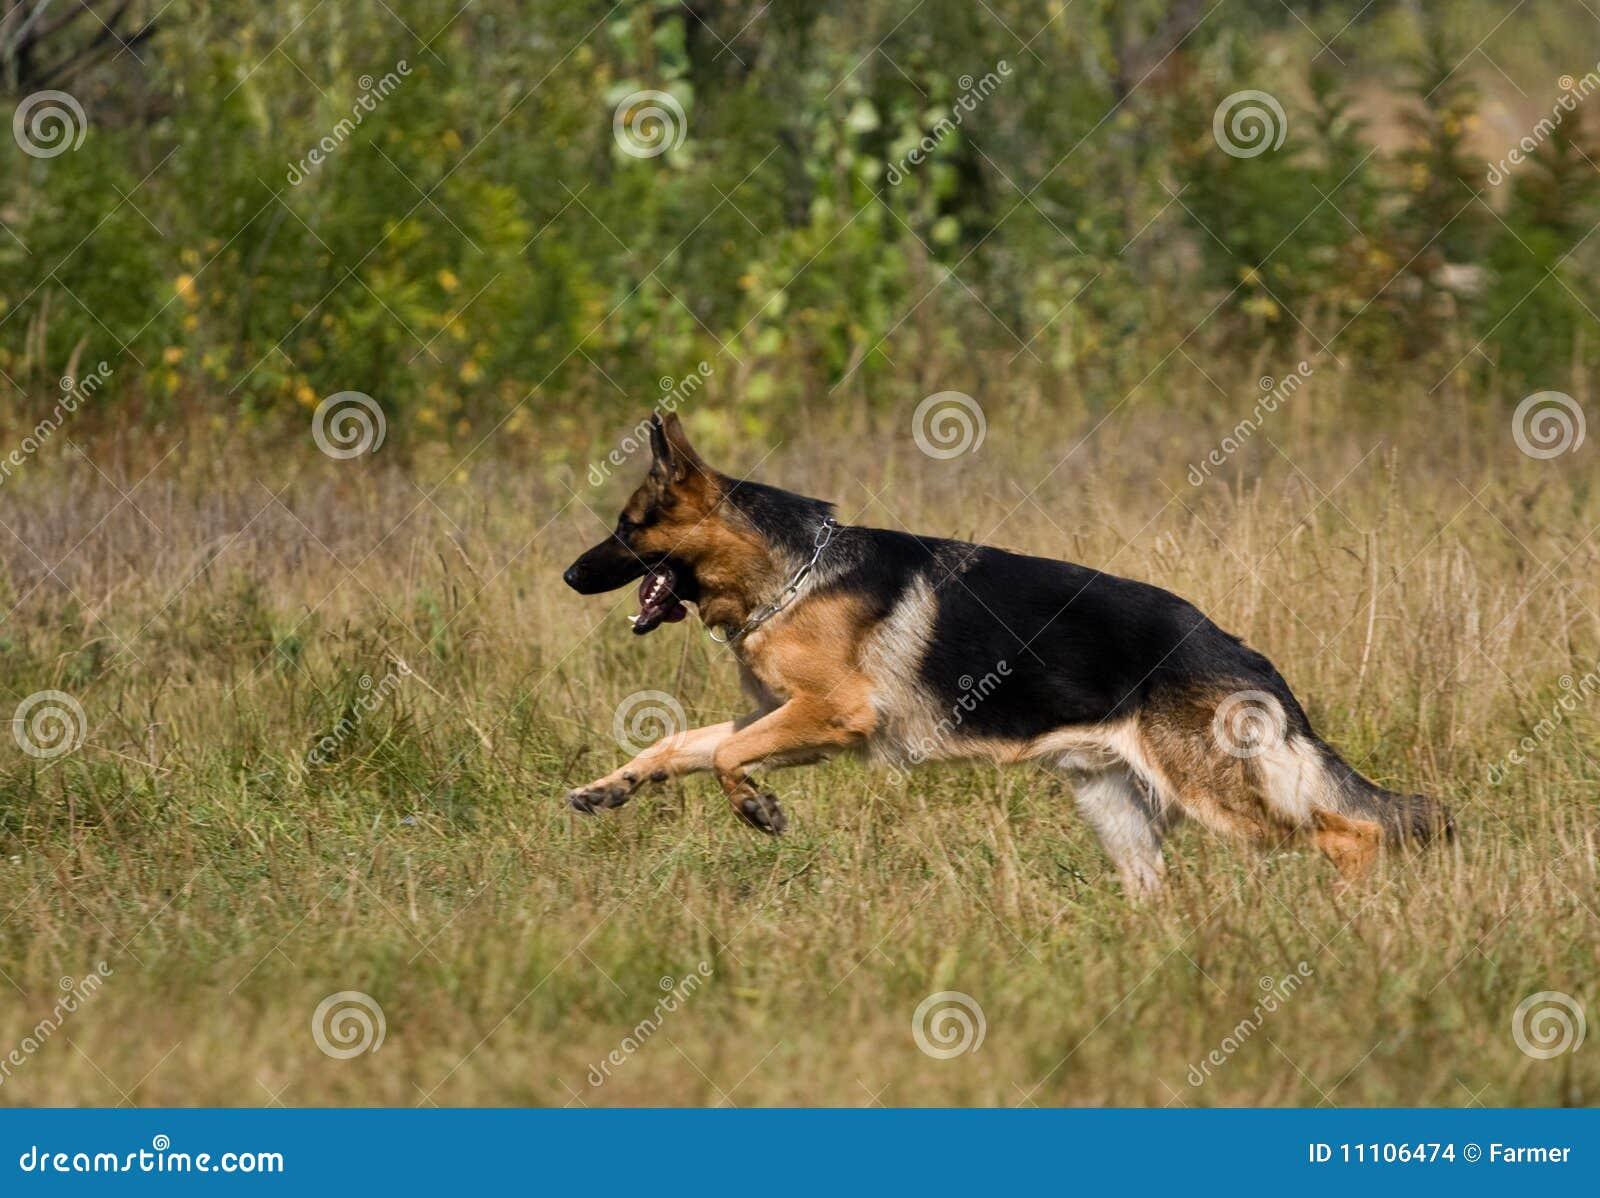 Runing sheepdog